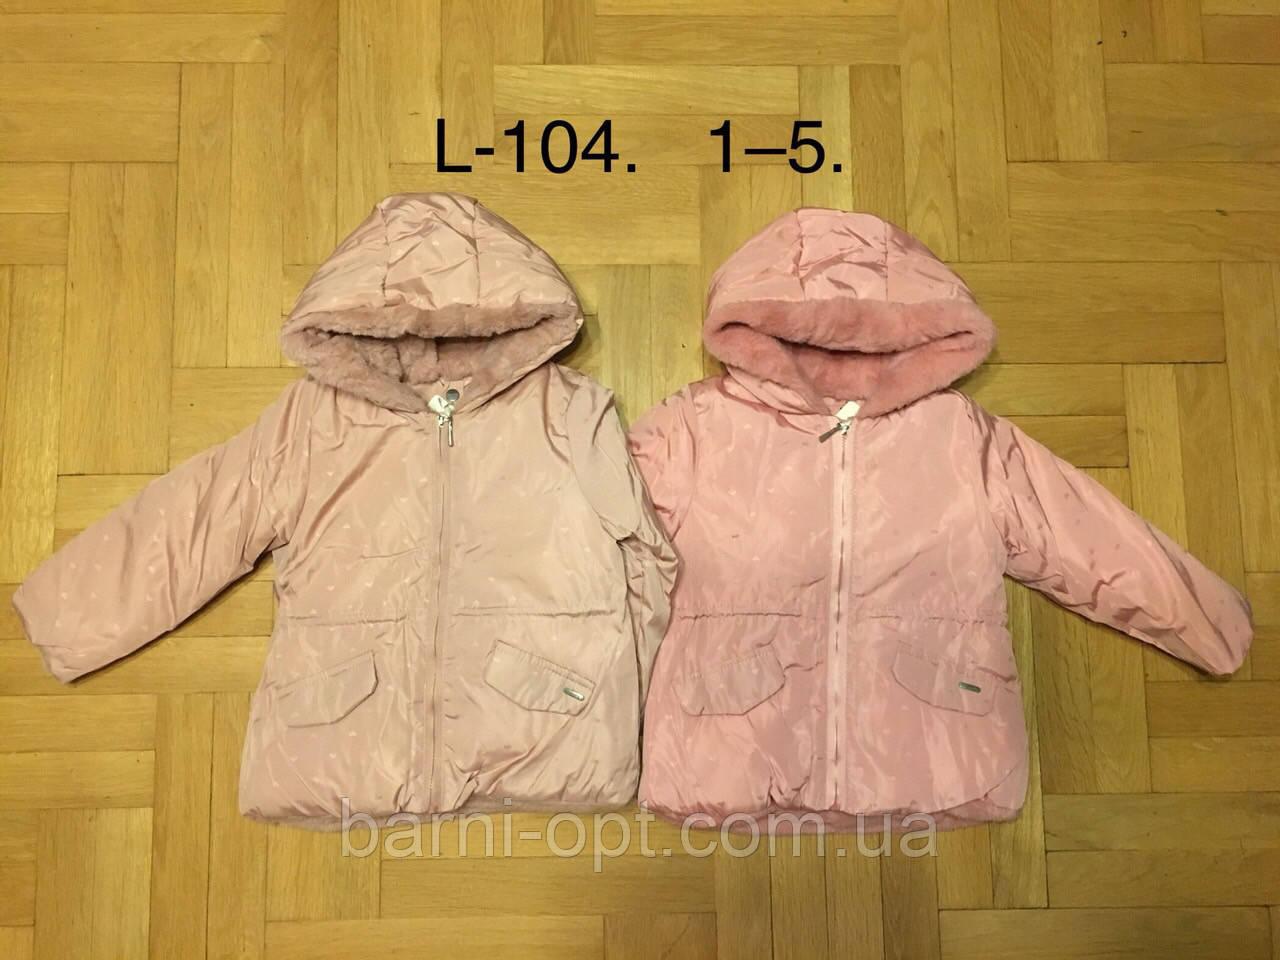 Куртки зимние для девочек оптом, F&D, 1-5 рр